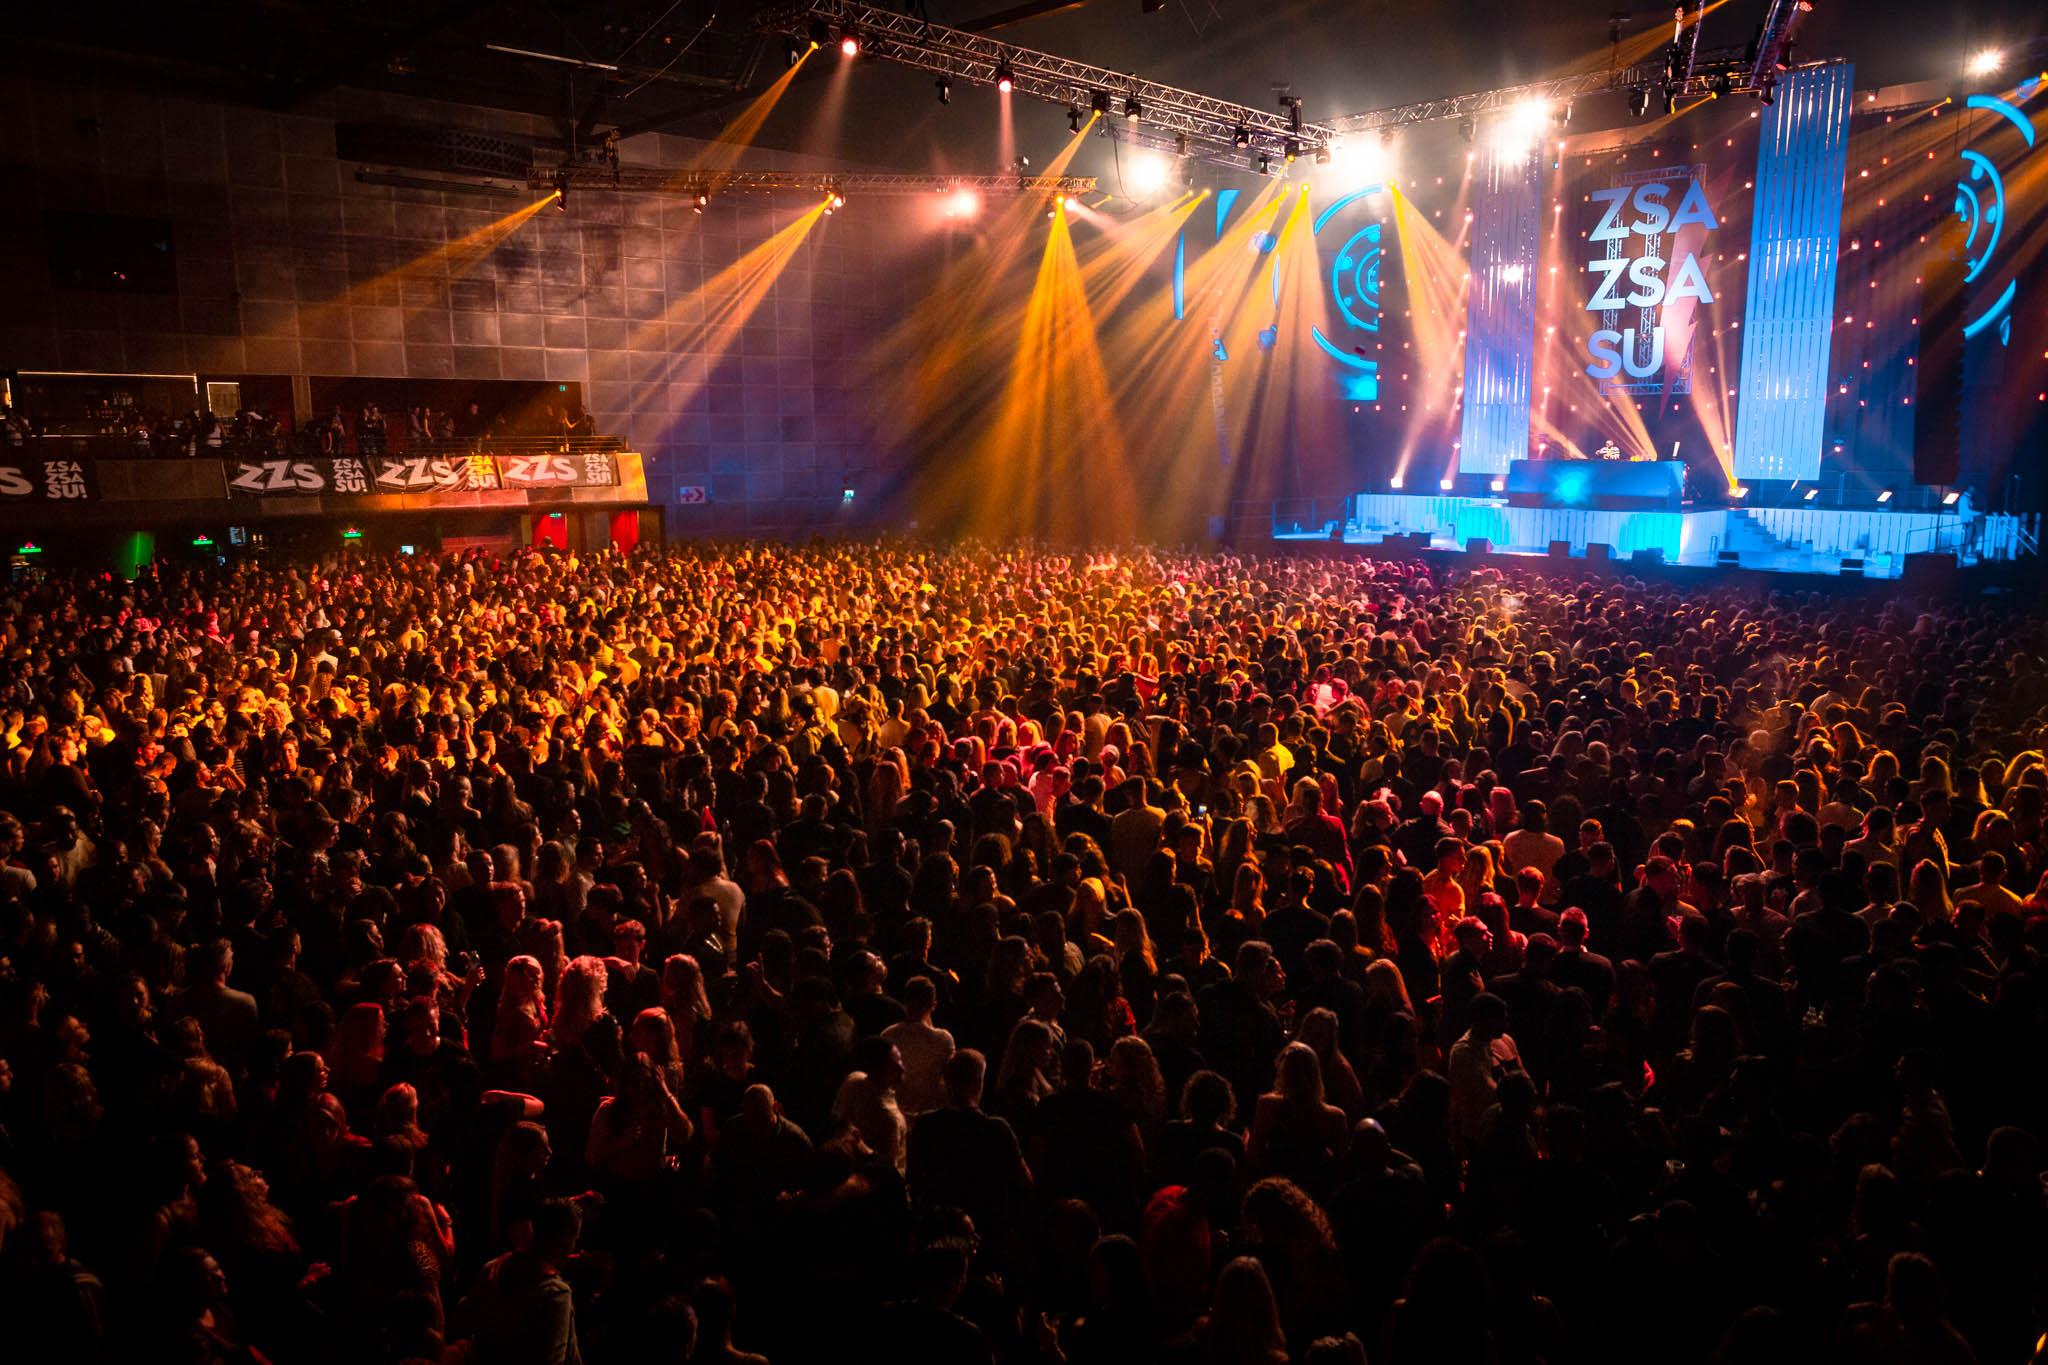 Zsa Zsa Su Amsterdam Afas Evenement Fotograaf Shot By Sylla 47